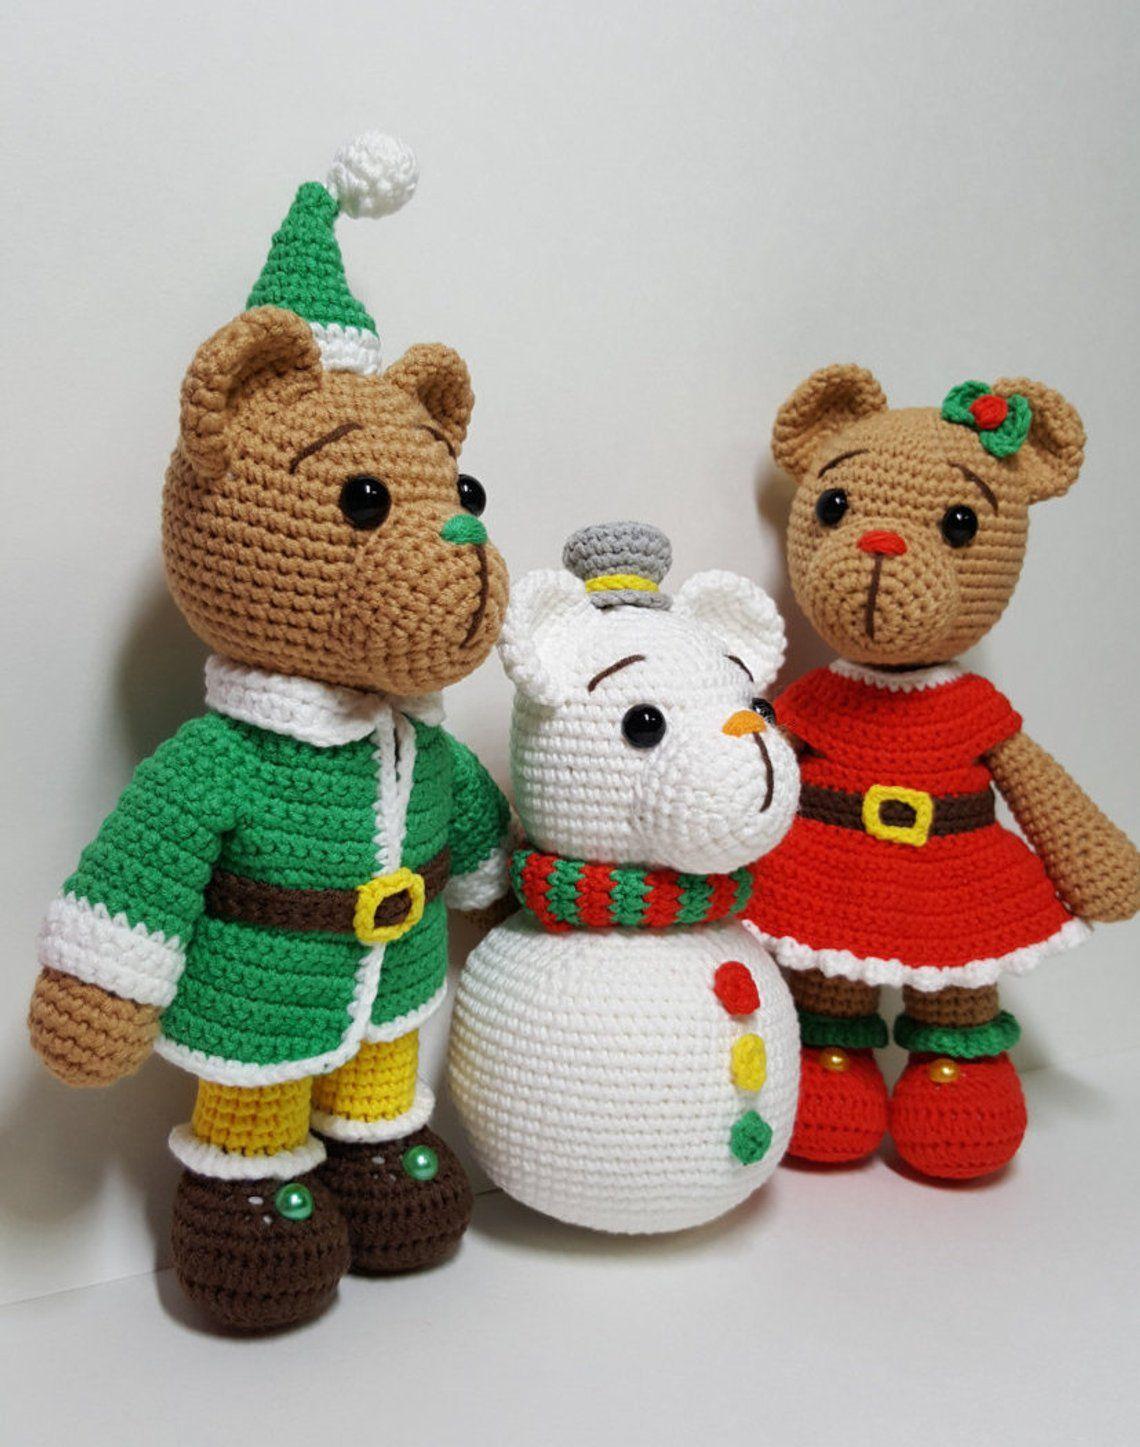 Decora la Navidad con amigurumis | Mil ovillos | Amigurumis ... | 1447x1140